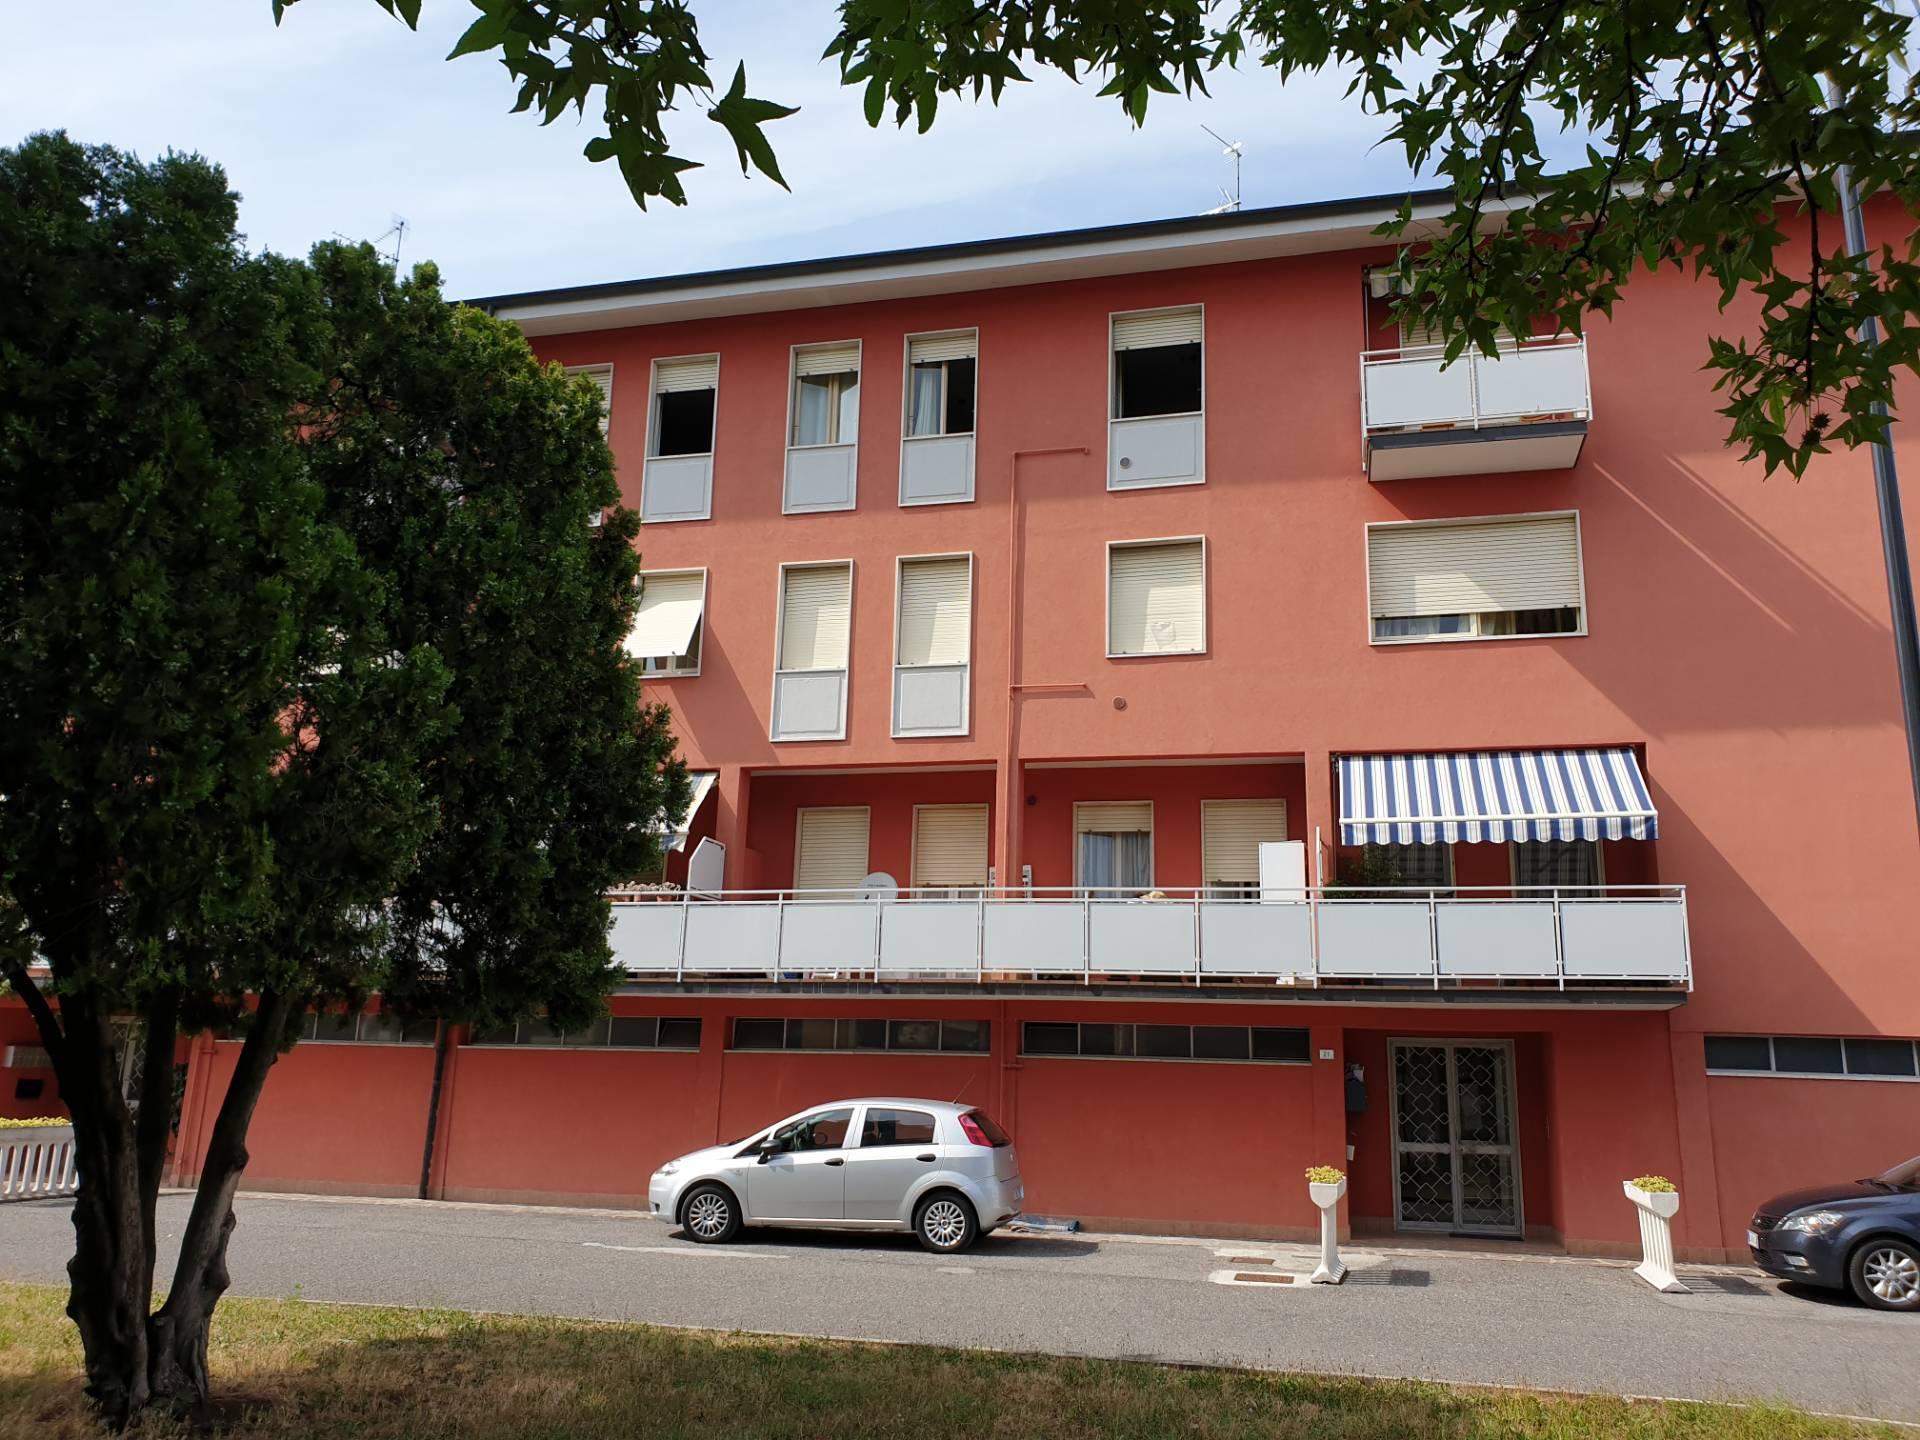 Appartamento in vendita a Palazzolo sull'Oglio, 3 locali, prezzo € 79.900 | PortaleAgenzieImmobiliari.it